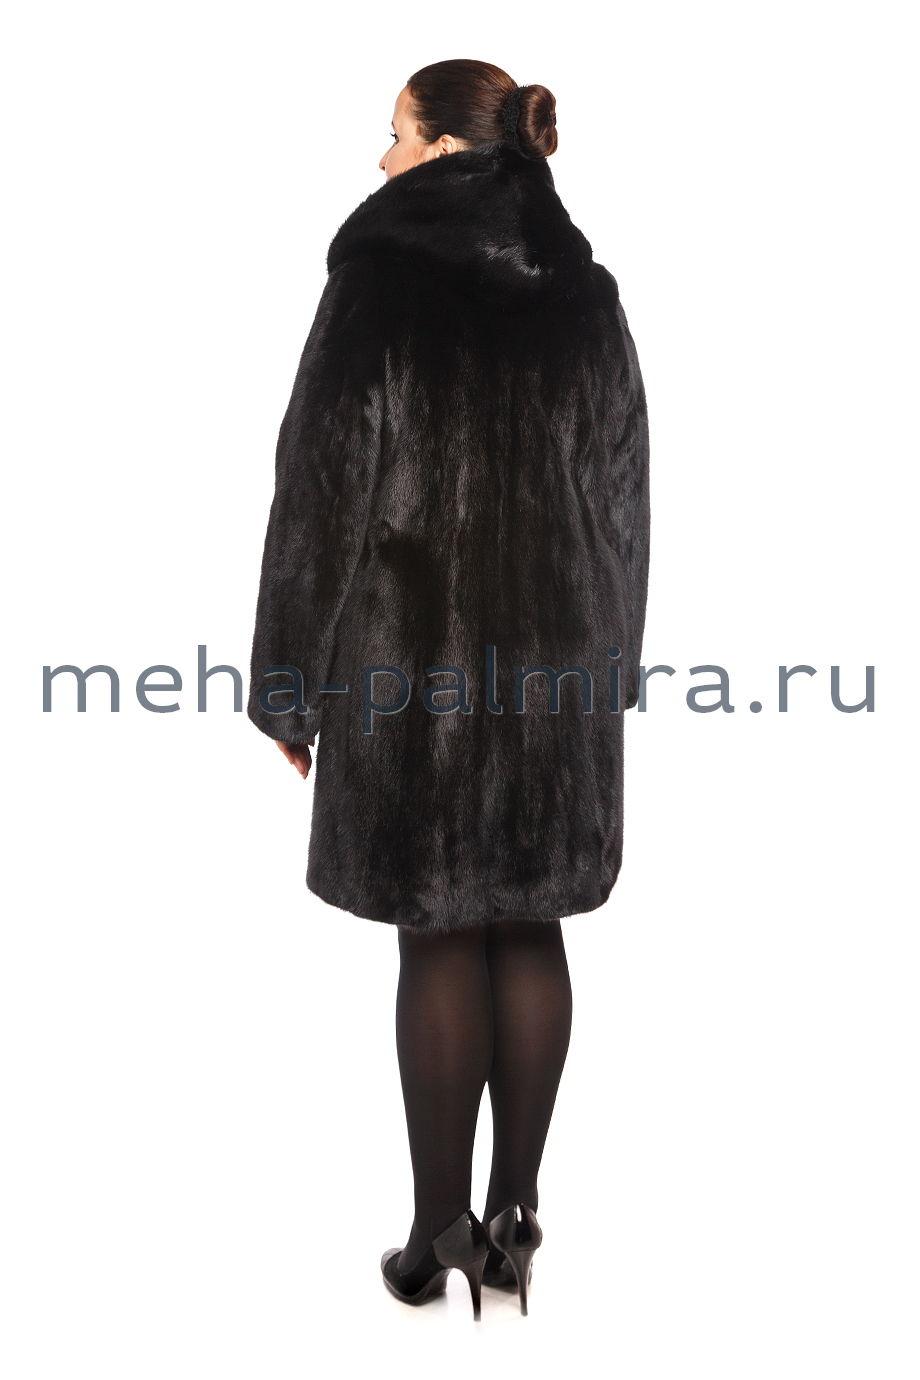 Черная норковая шуба с капюшоном 100 см